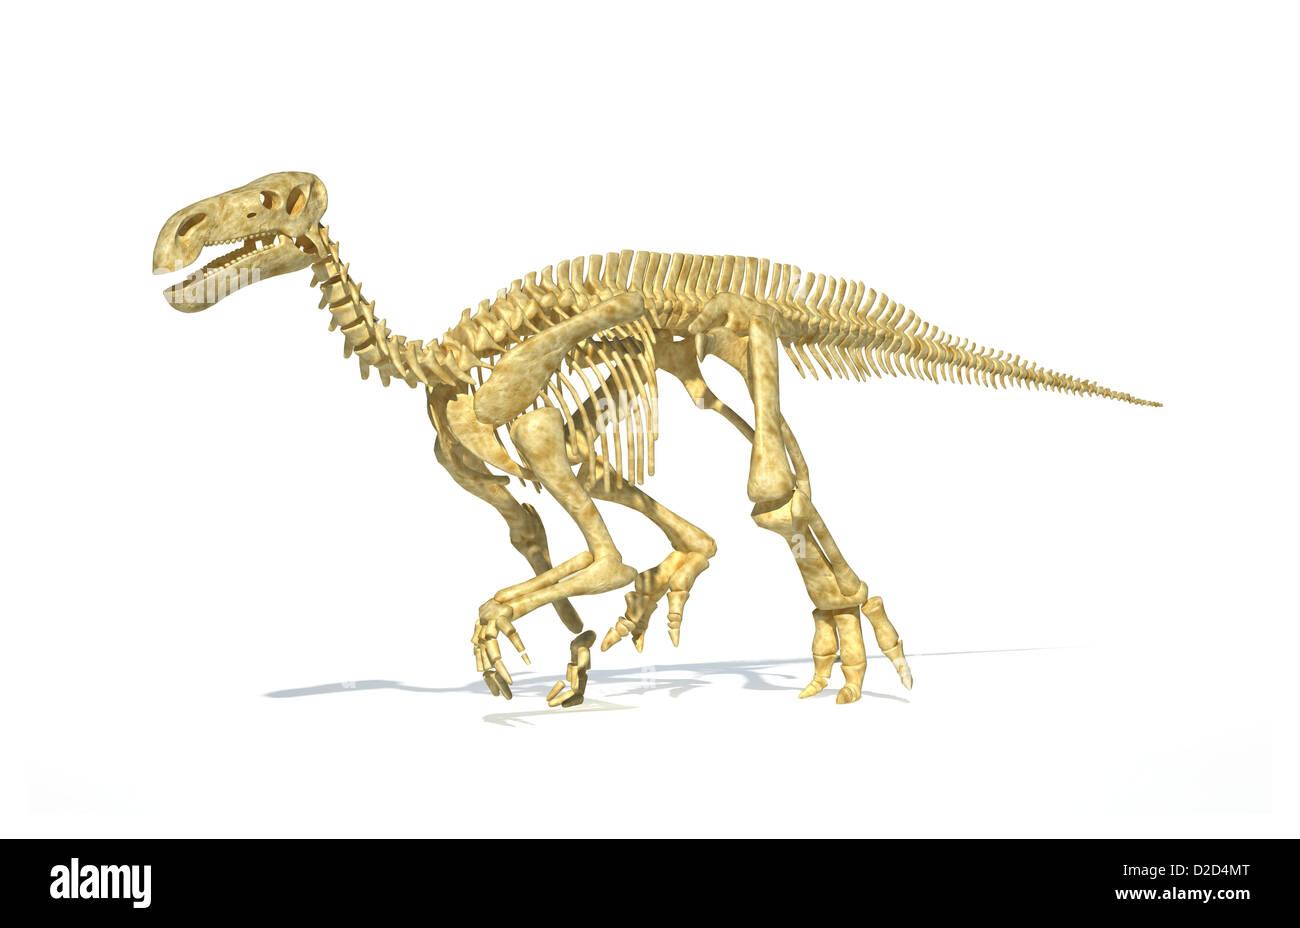 Iguanodon dinosaur skeleton lived in large herds - Stock Image